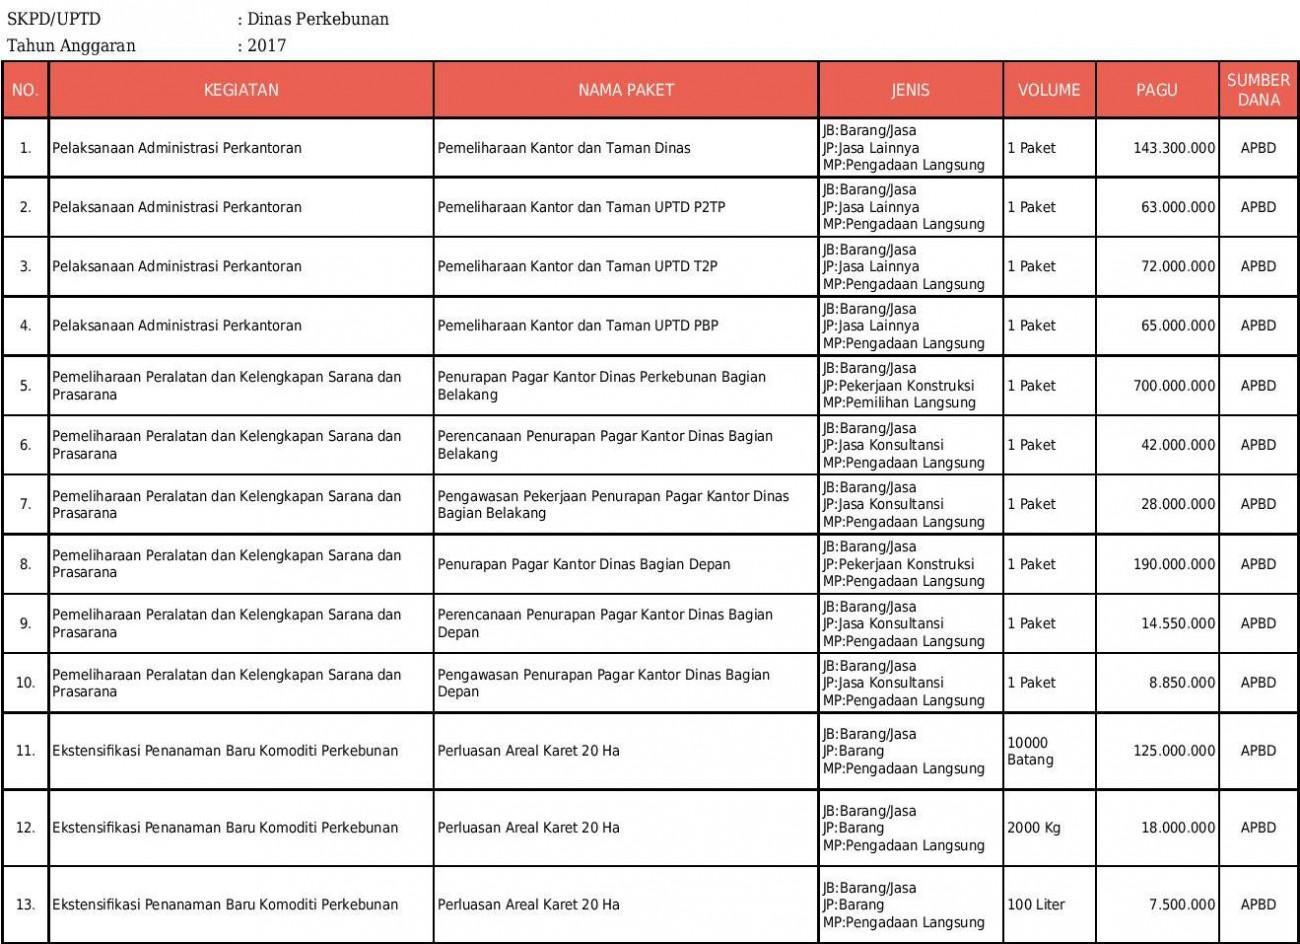 Rencana Umum Pengadaan Dinas Perkebunan Provinsi Kalimantan Timur Tahun Anggaran 2017